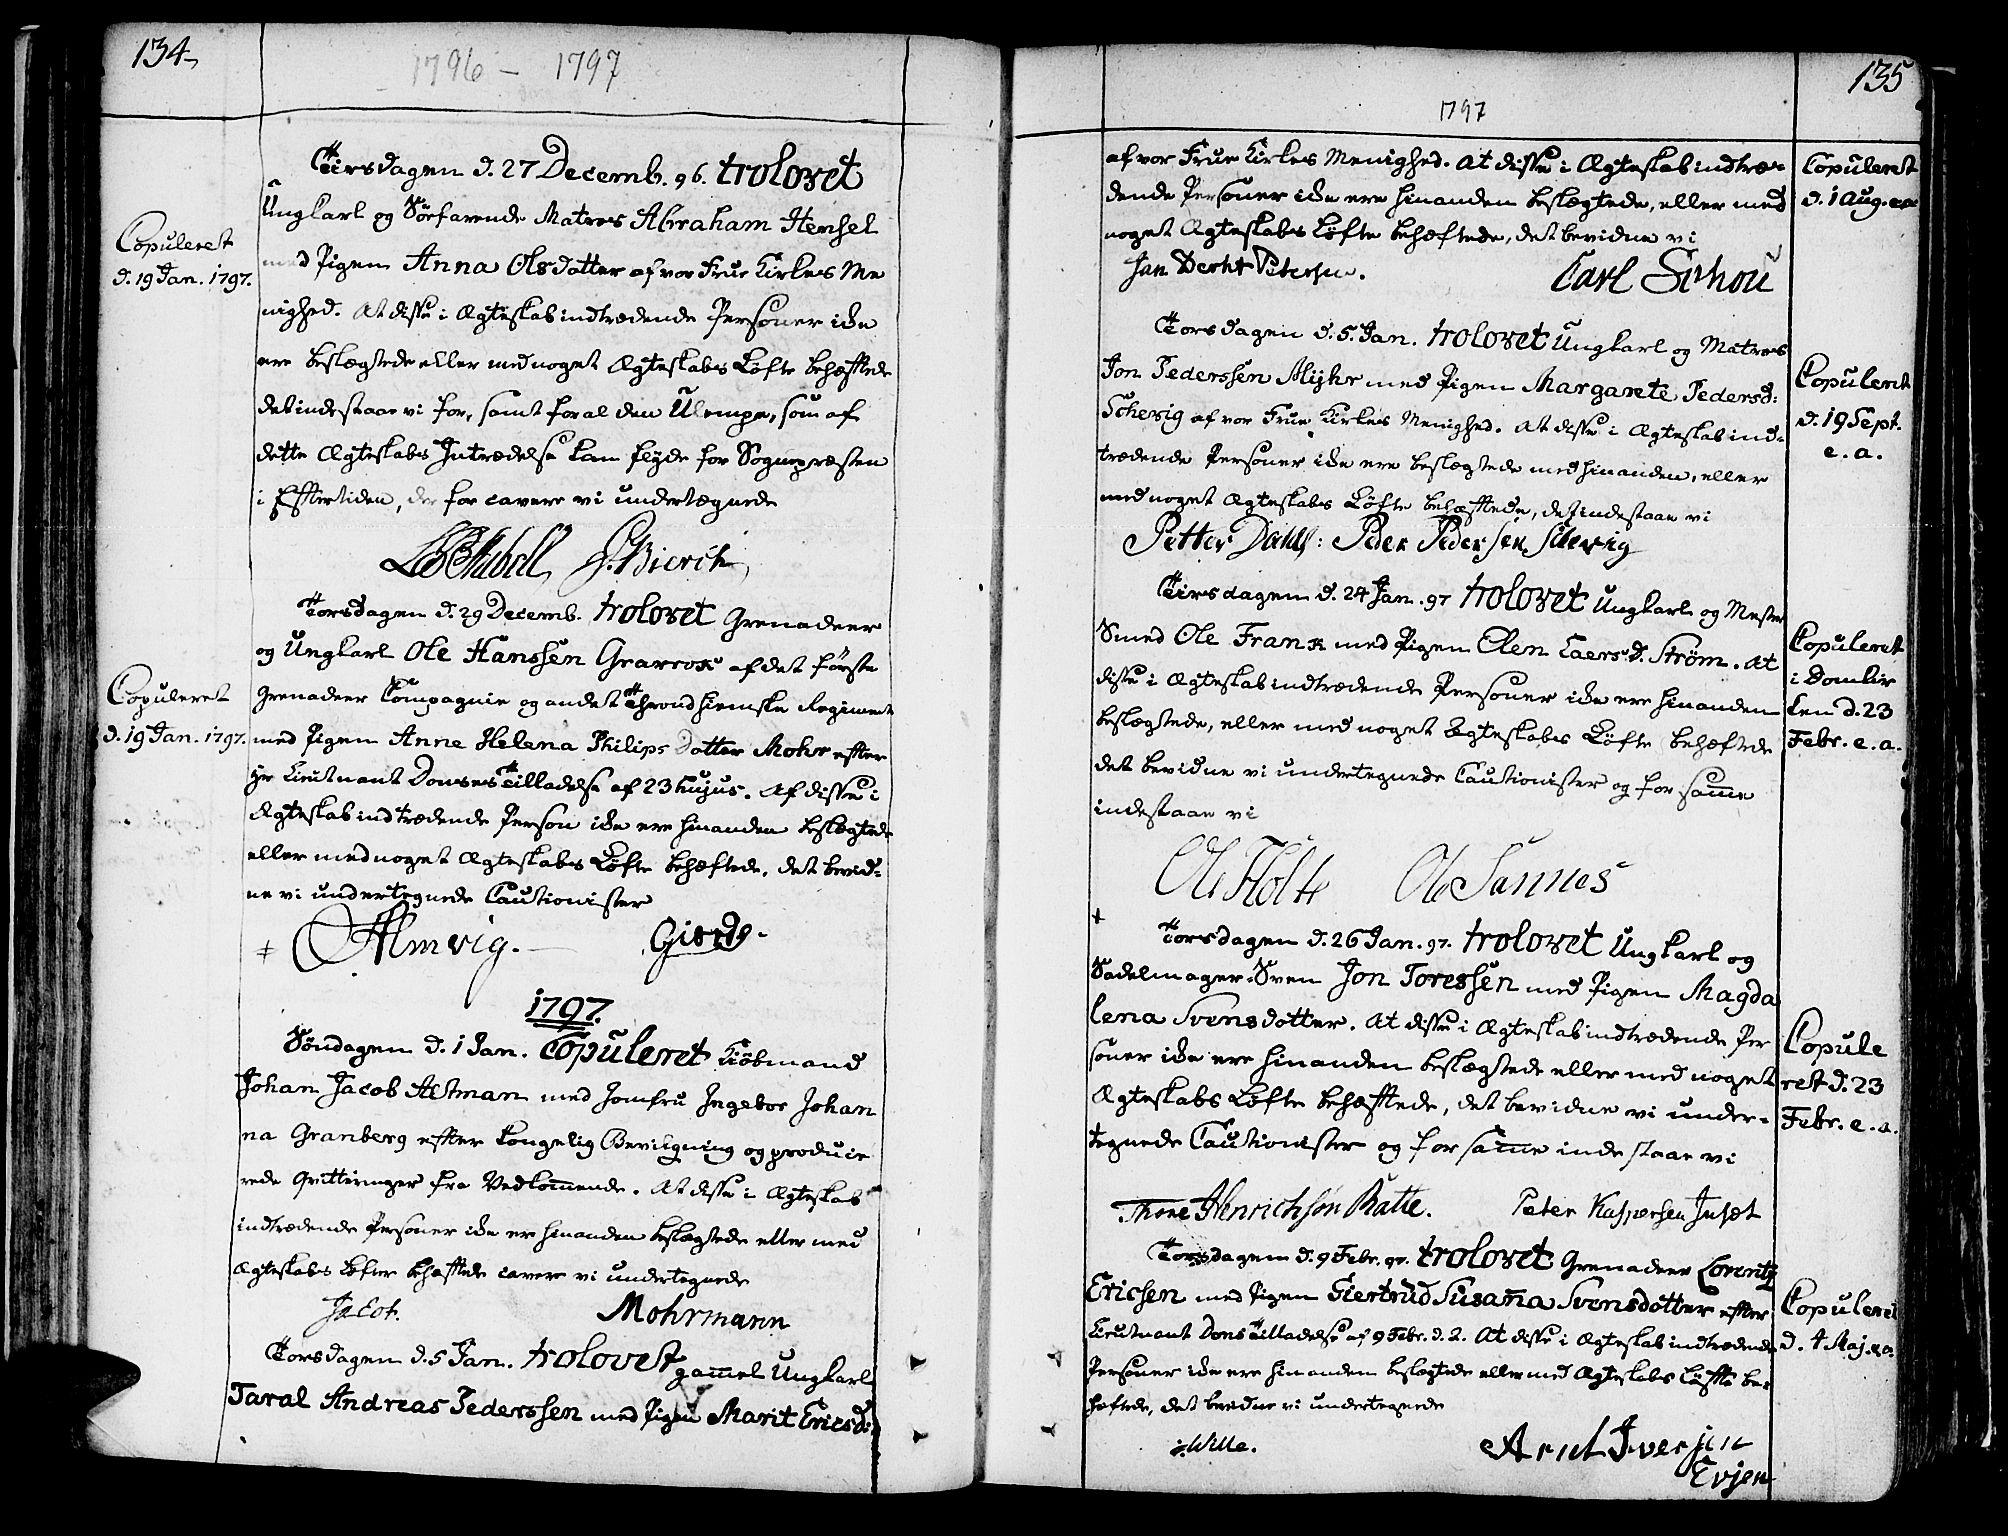 SAT, Ministerialprotokoller, klokkerbøker og fødselsregistre - Sør-Trøndelag, 602/L0105: Ministerialbok nr. 602A03, 1774-1814, s. 134-135